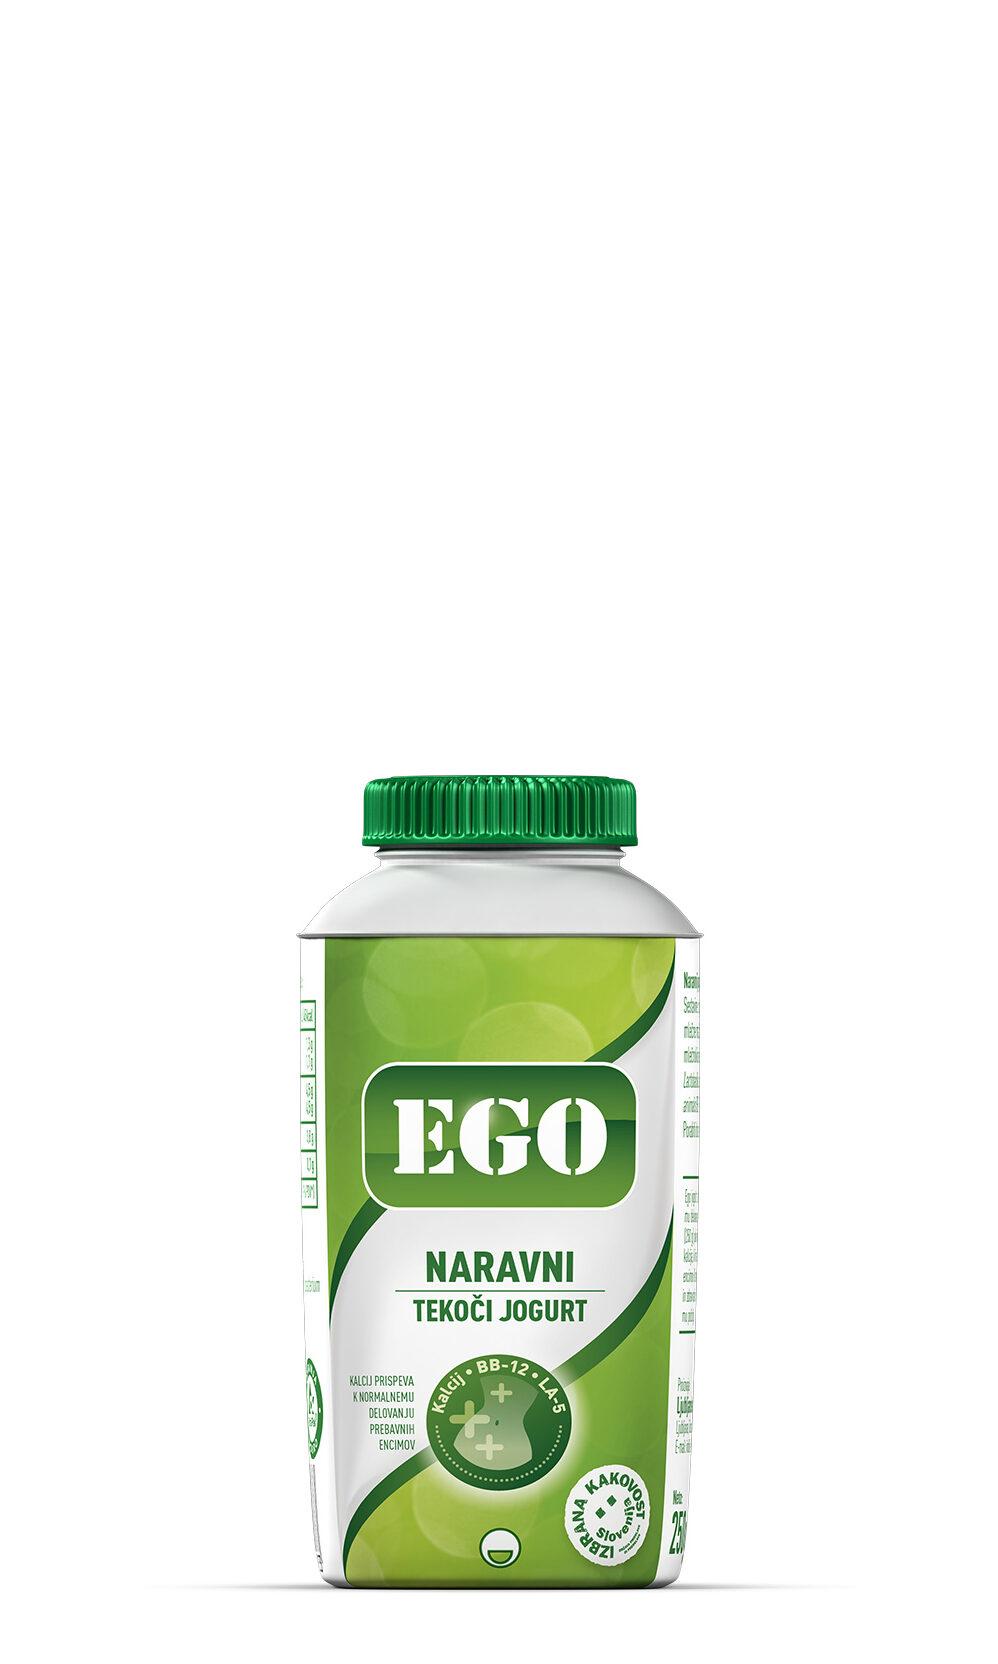 Ego, naravni